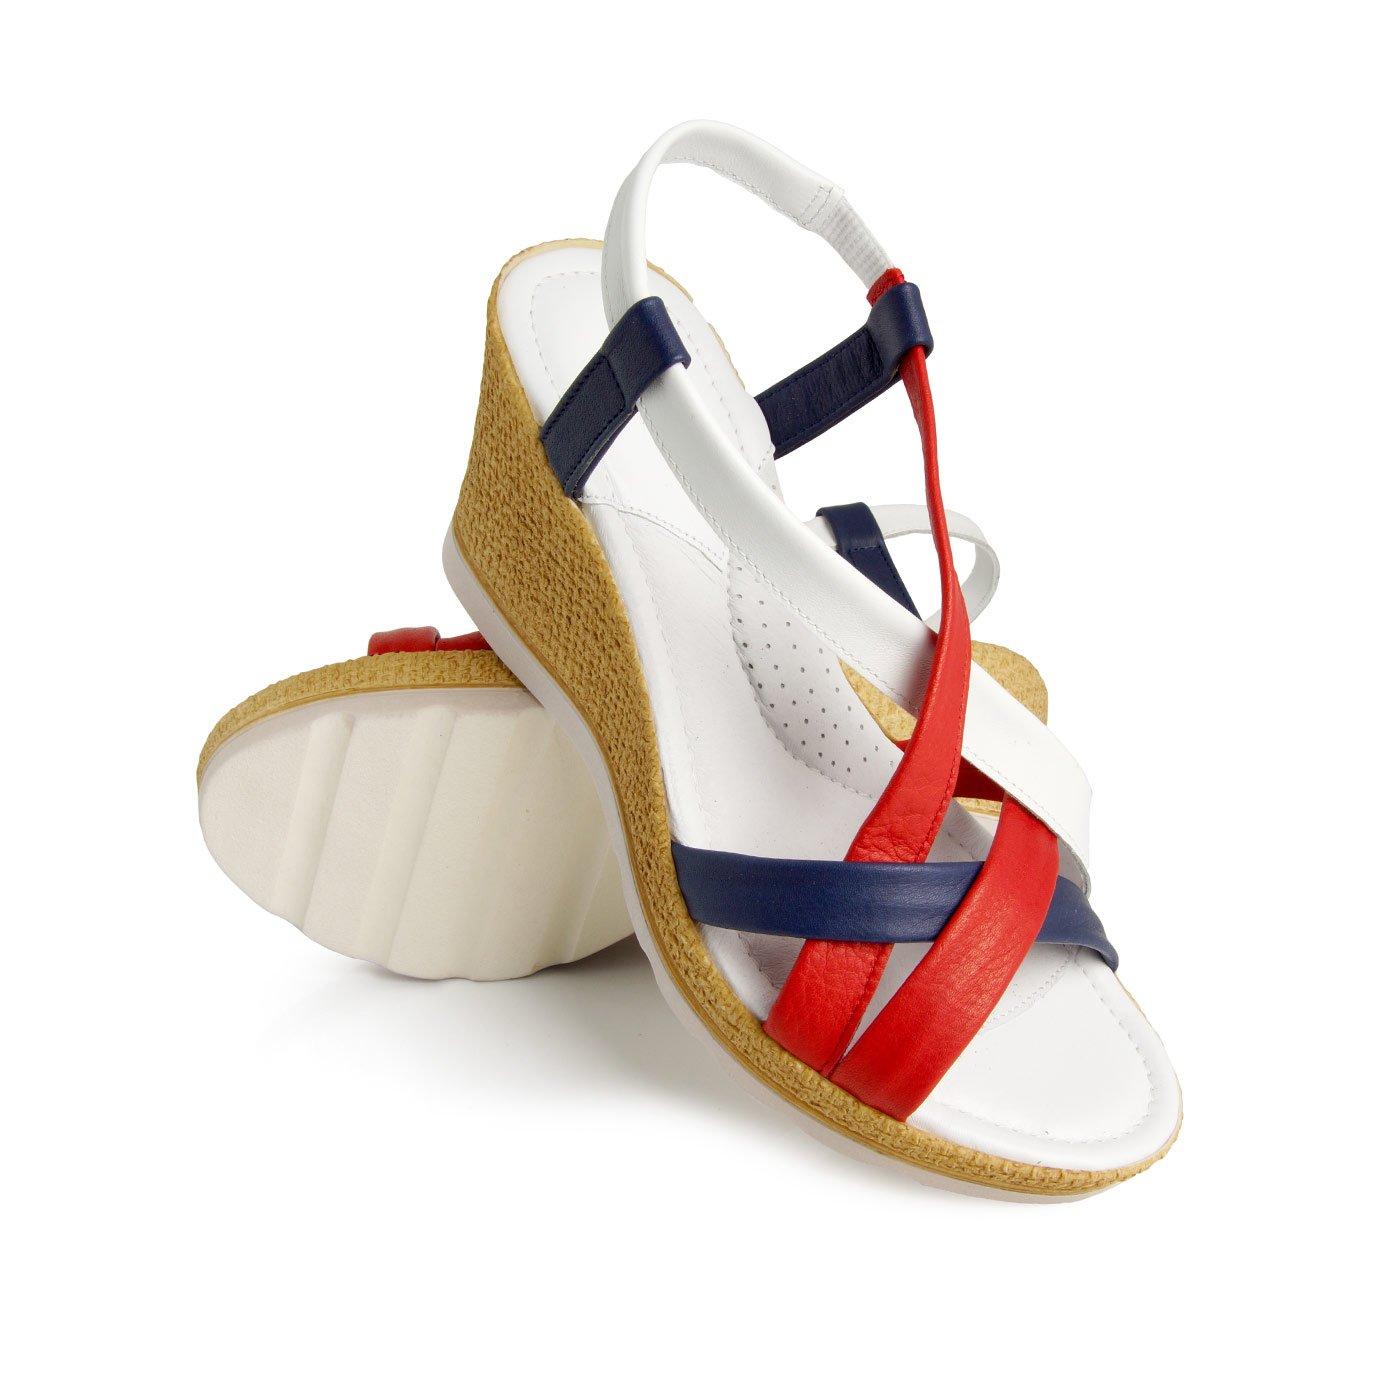 60406efabe162 Batz dámske zdravotné sandále Miami Red 37 - BIO a prírodná ...